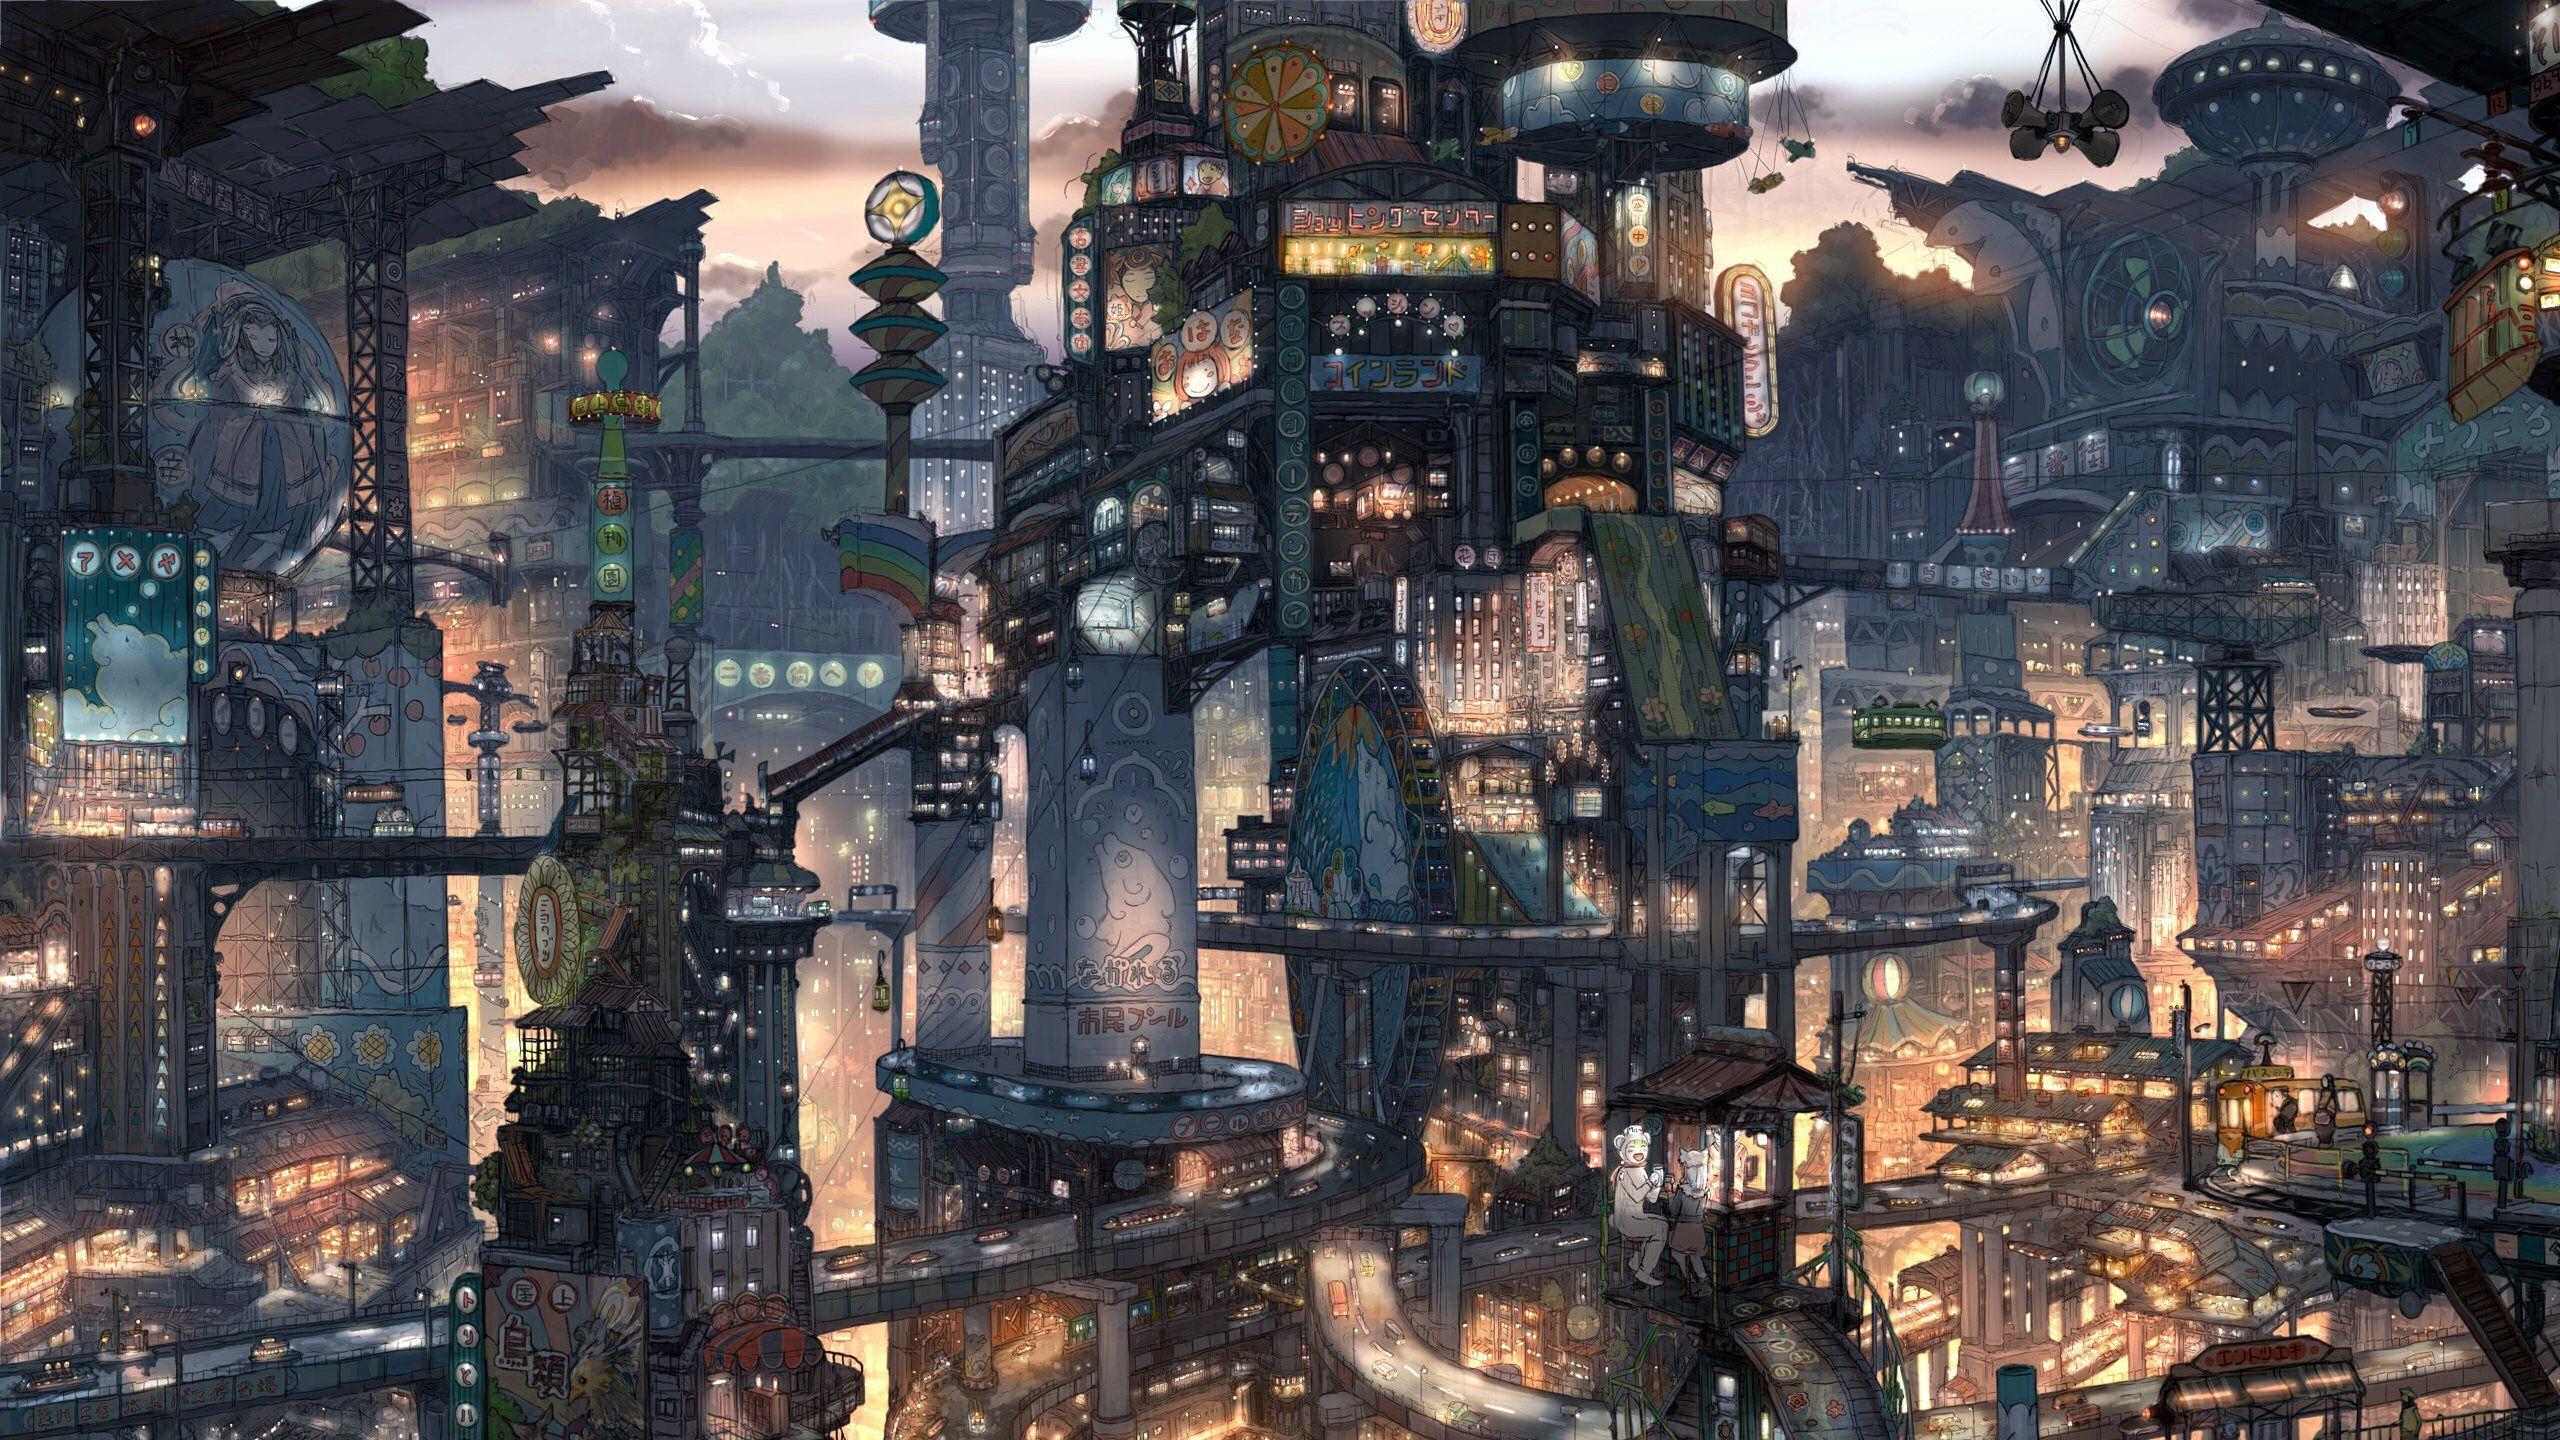 cityscapes futuristic artwork / 2560x1440 Wallpaper